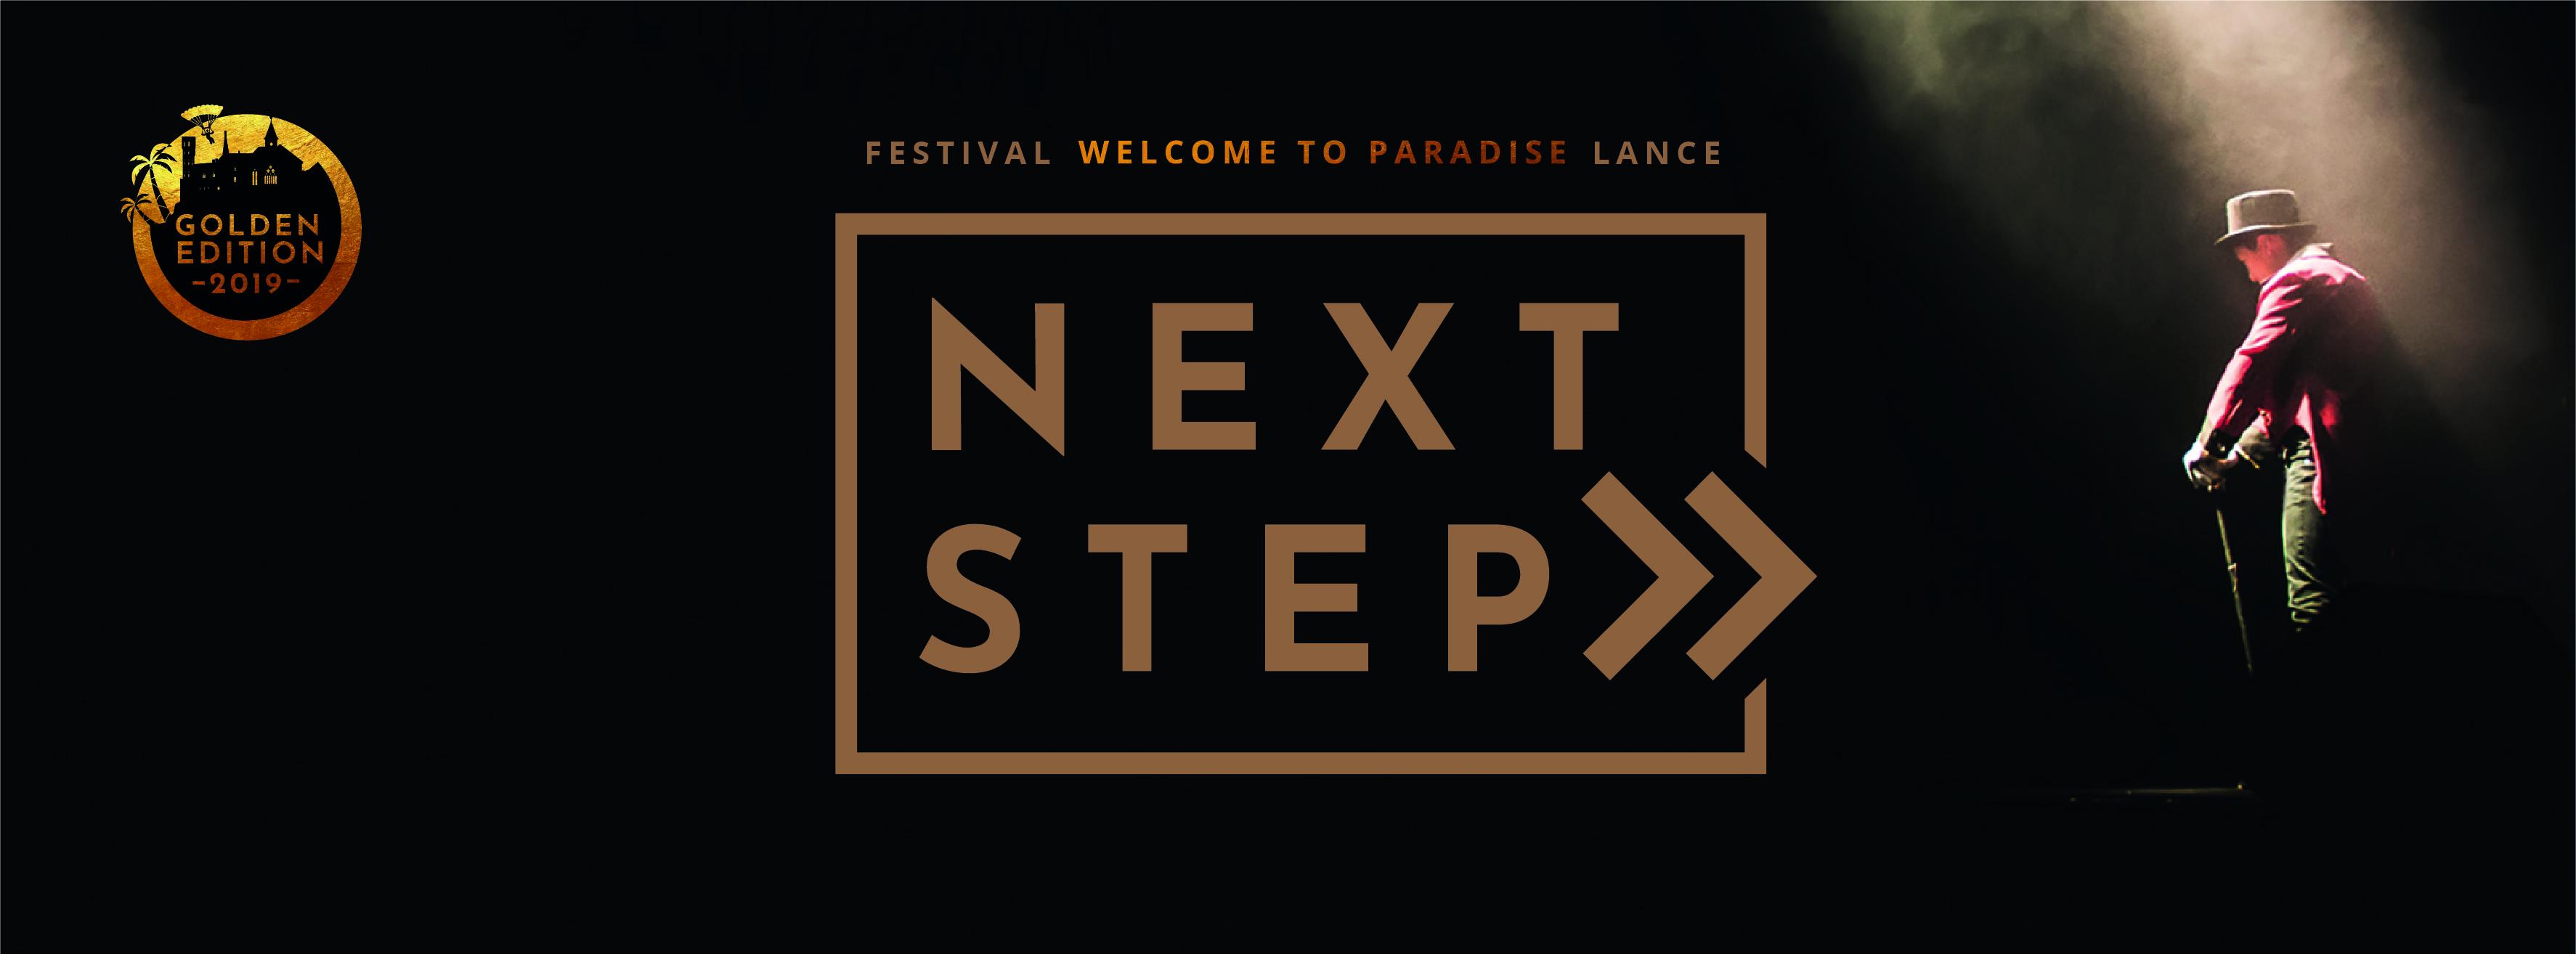 Le Festival «Welcome to Paradise» lance Next Step – du 4 au 11 août 2019 à Saint Pierre de Curtille (73)